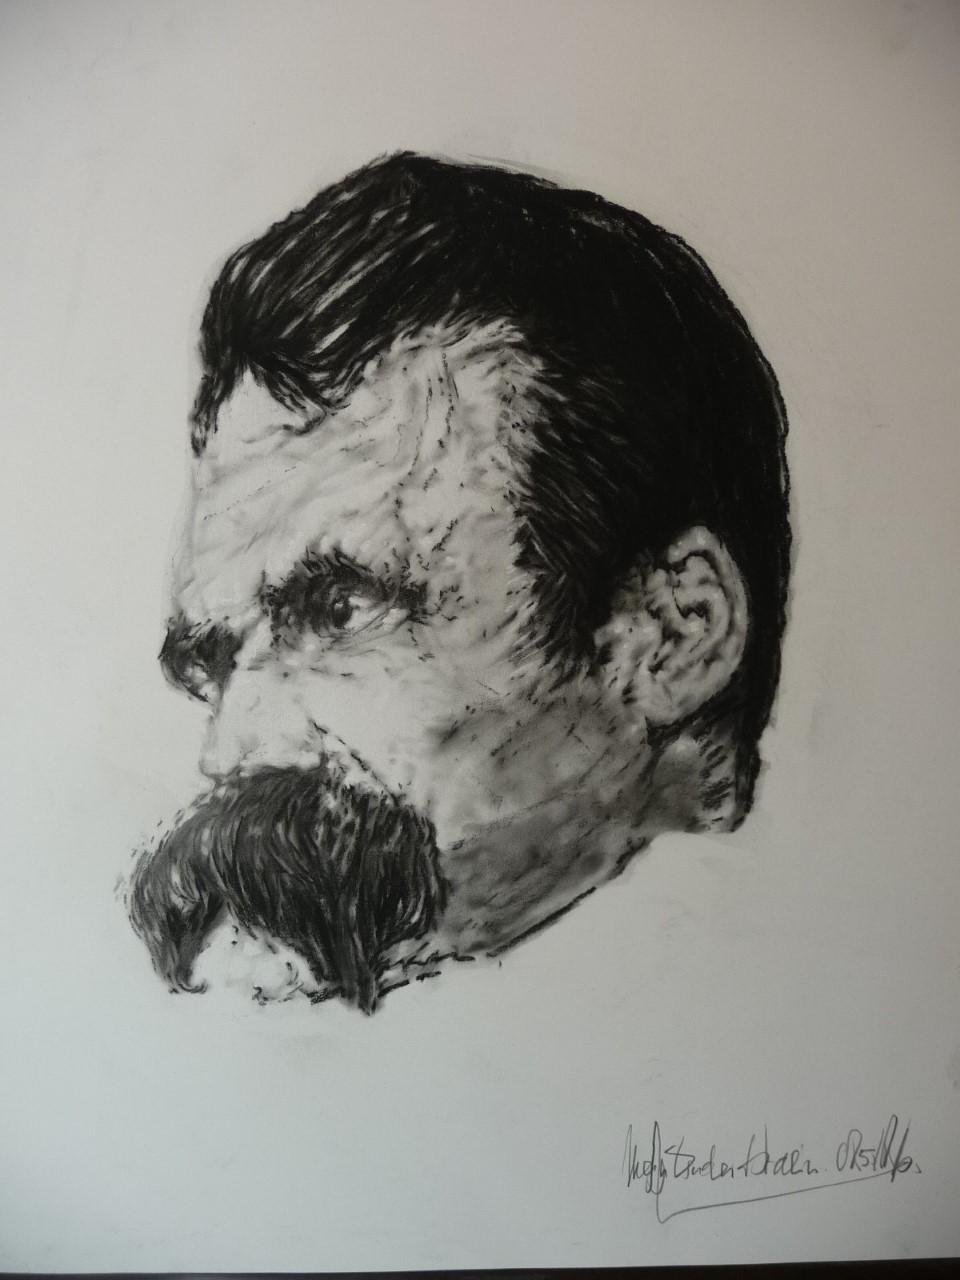 Somber artwork by Bartholomaus Durynek - art listed for sale on Artplode